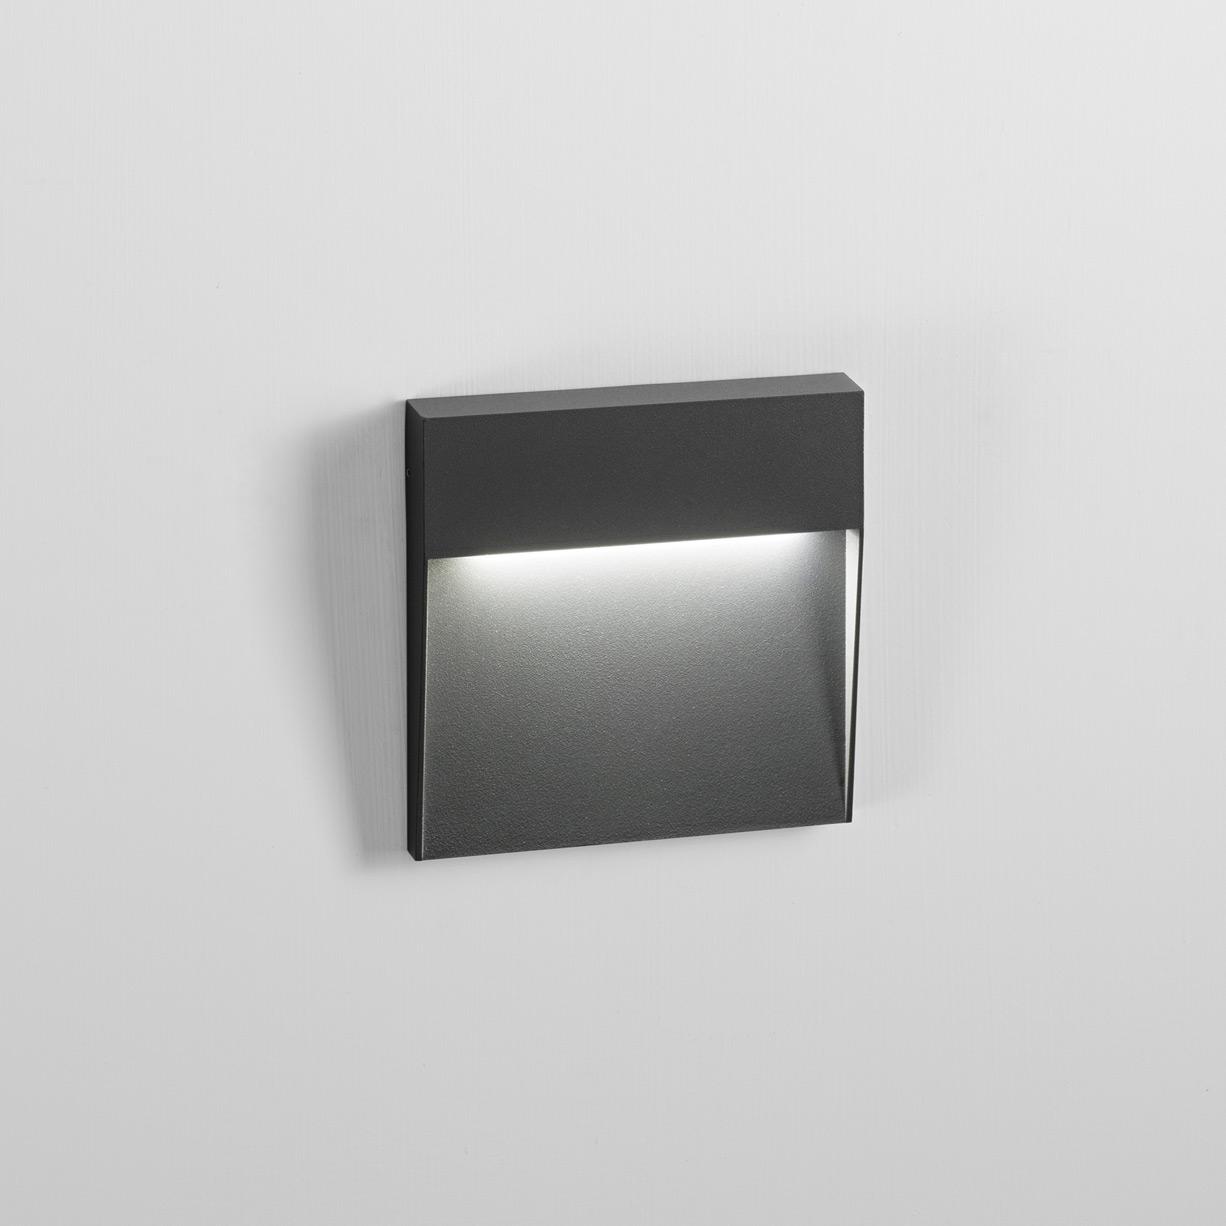 Außenwandleuchten & Beleuchtung | Platinlux Außenleuchten